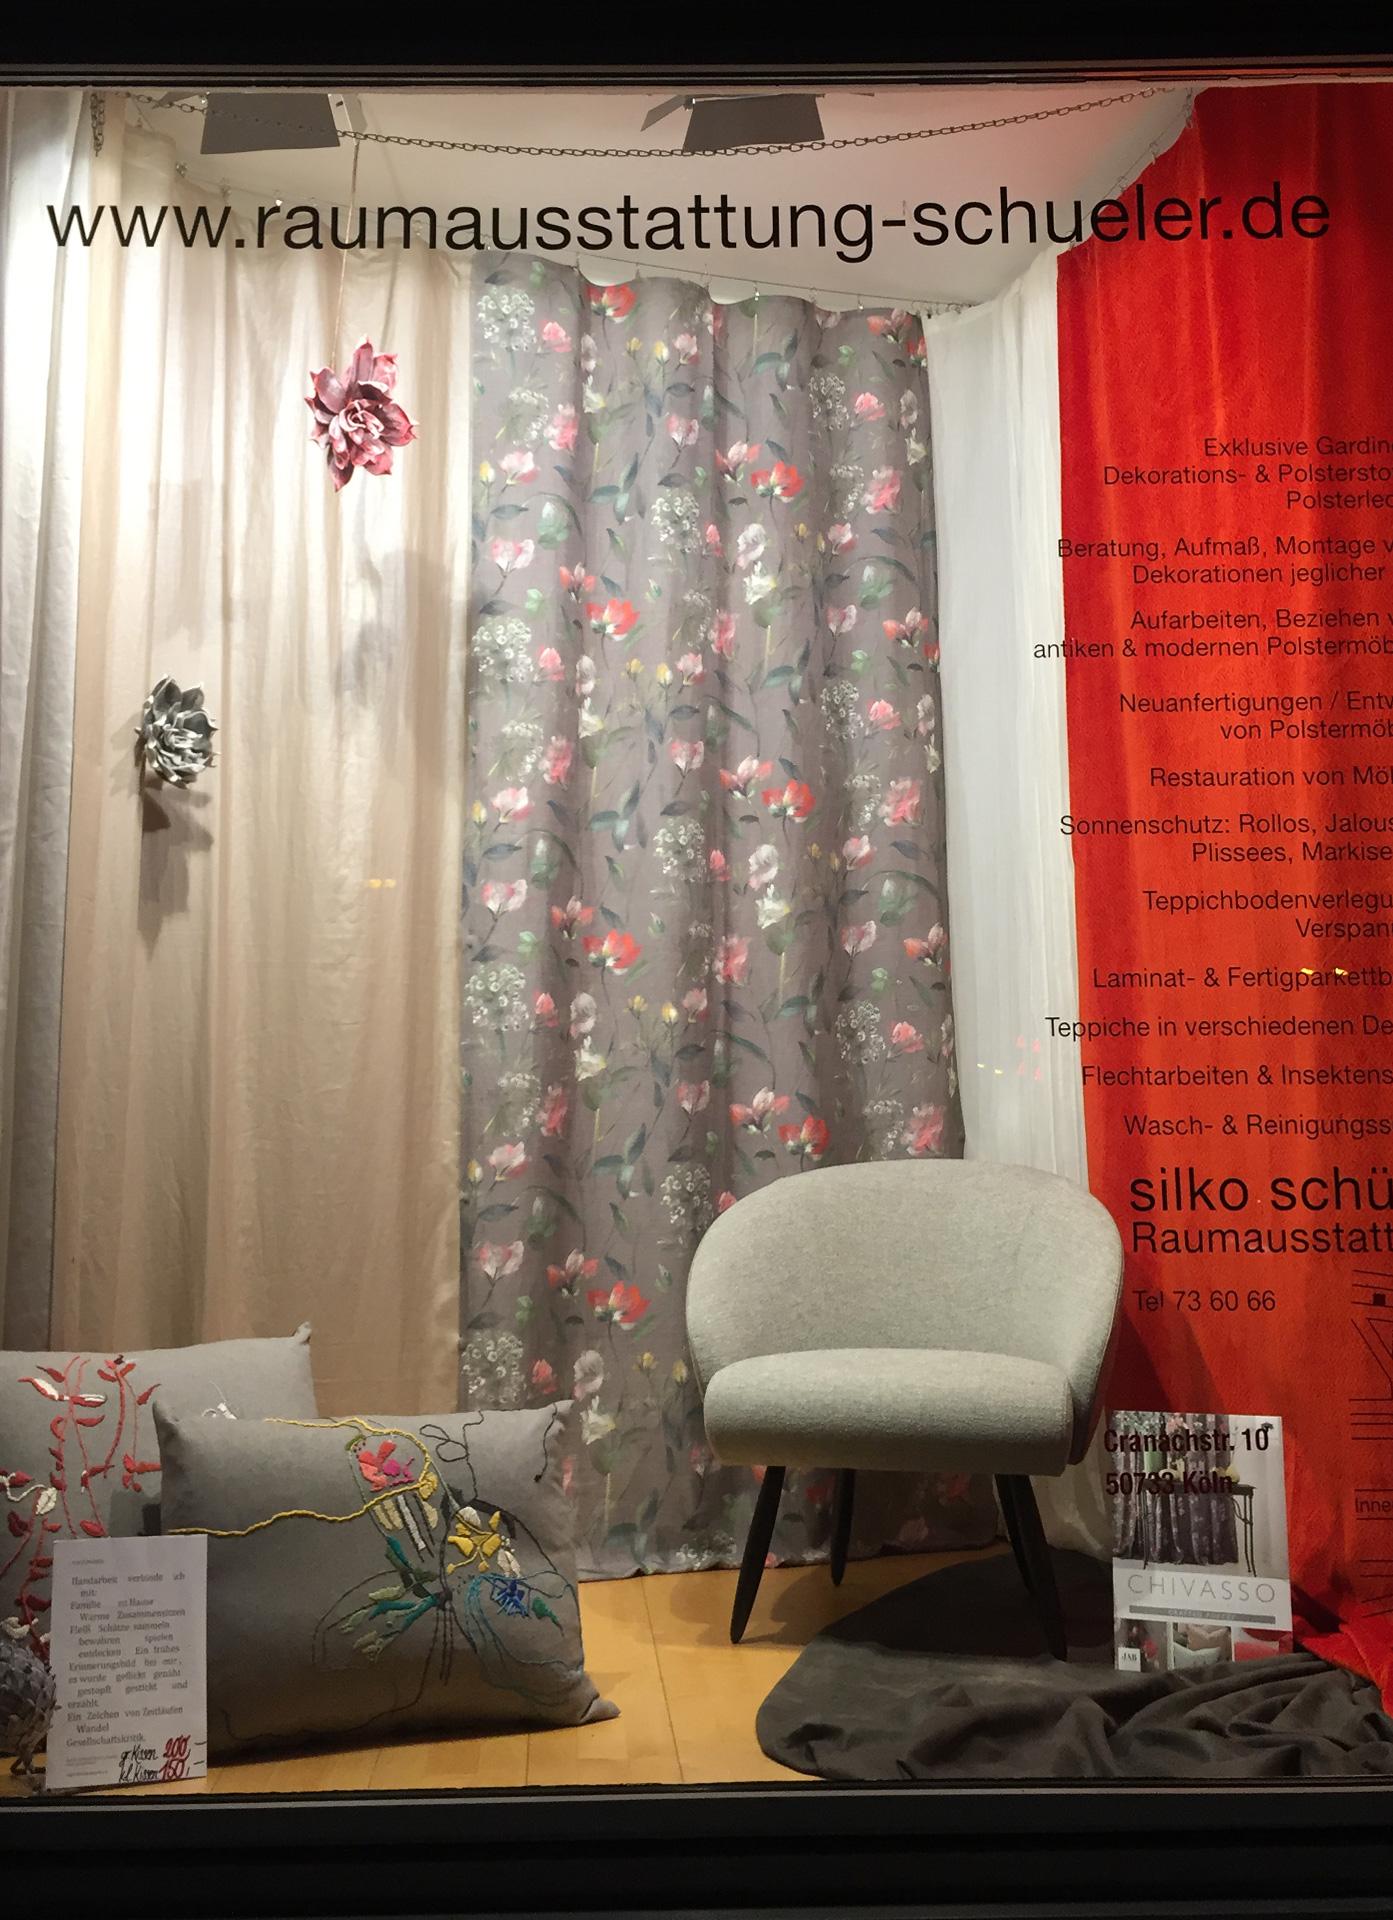 sessel raumausstattung silko sch ler k ln. Black Bedroom Furniture Sets. Home Design Ideas